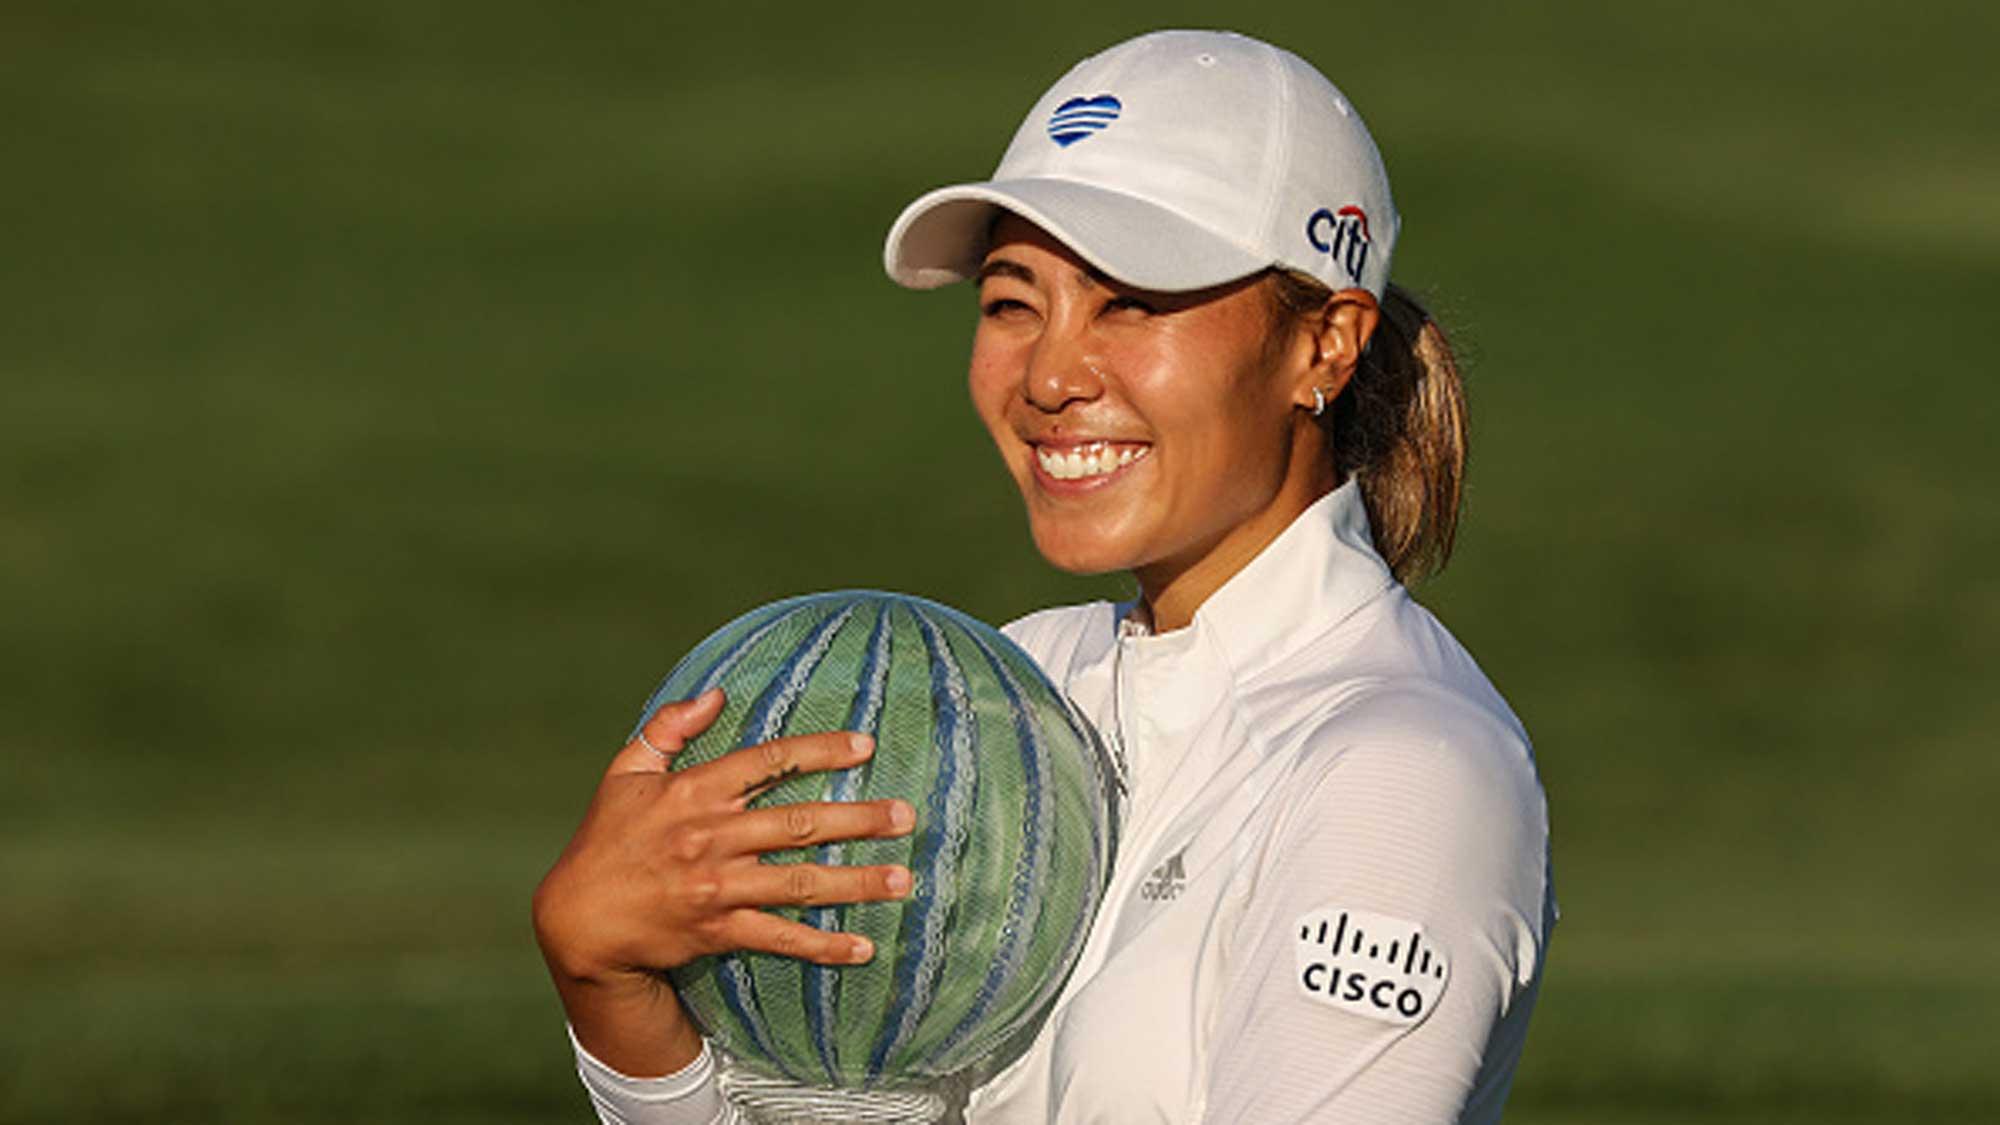 Sirak Kang Picks Back Up | LPGA | Ladies Professional Golf Association